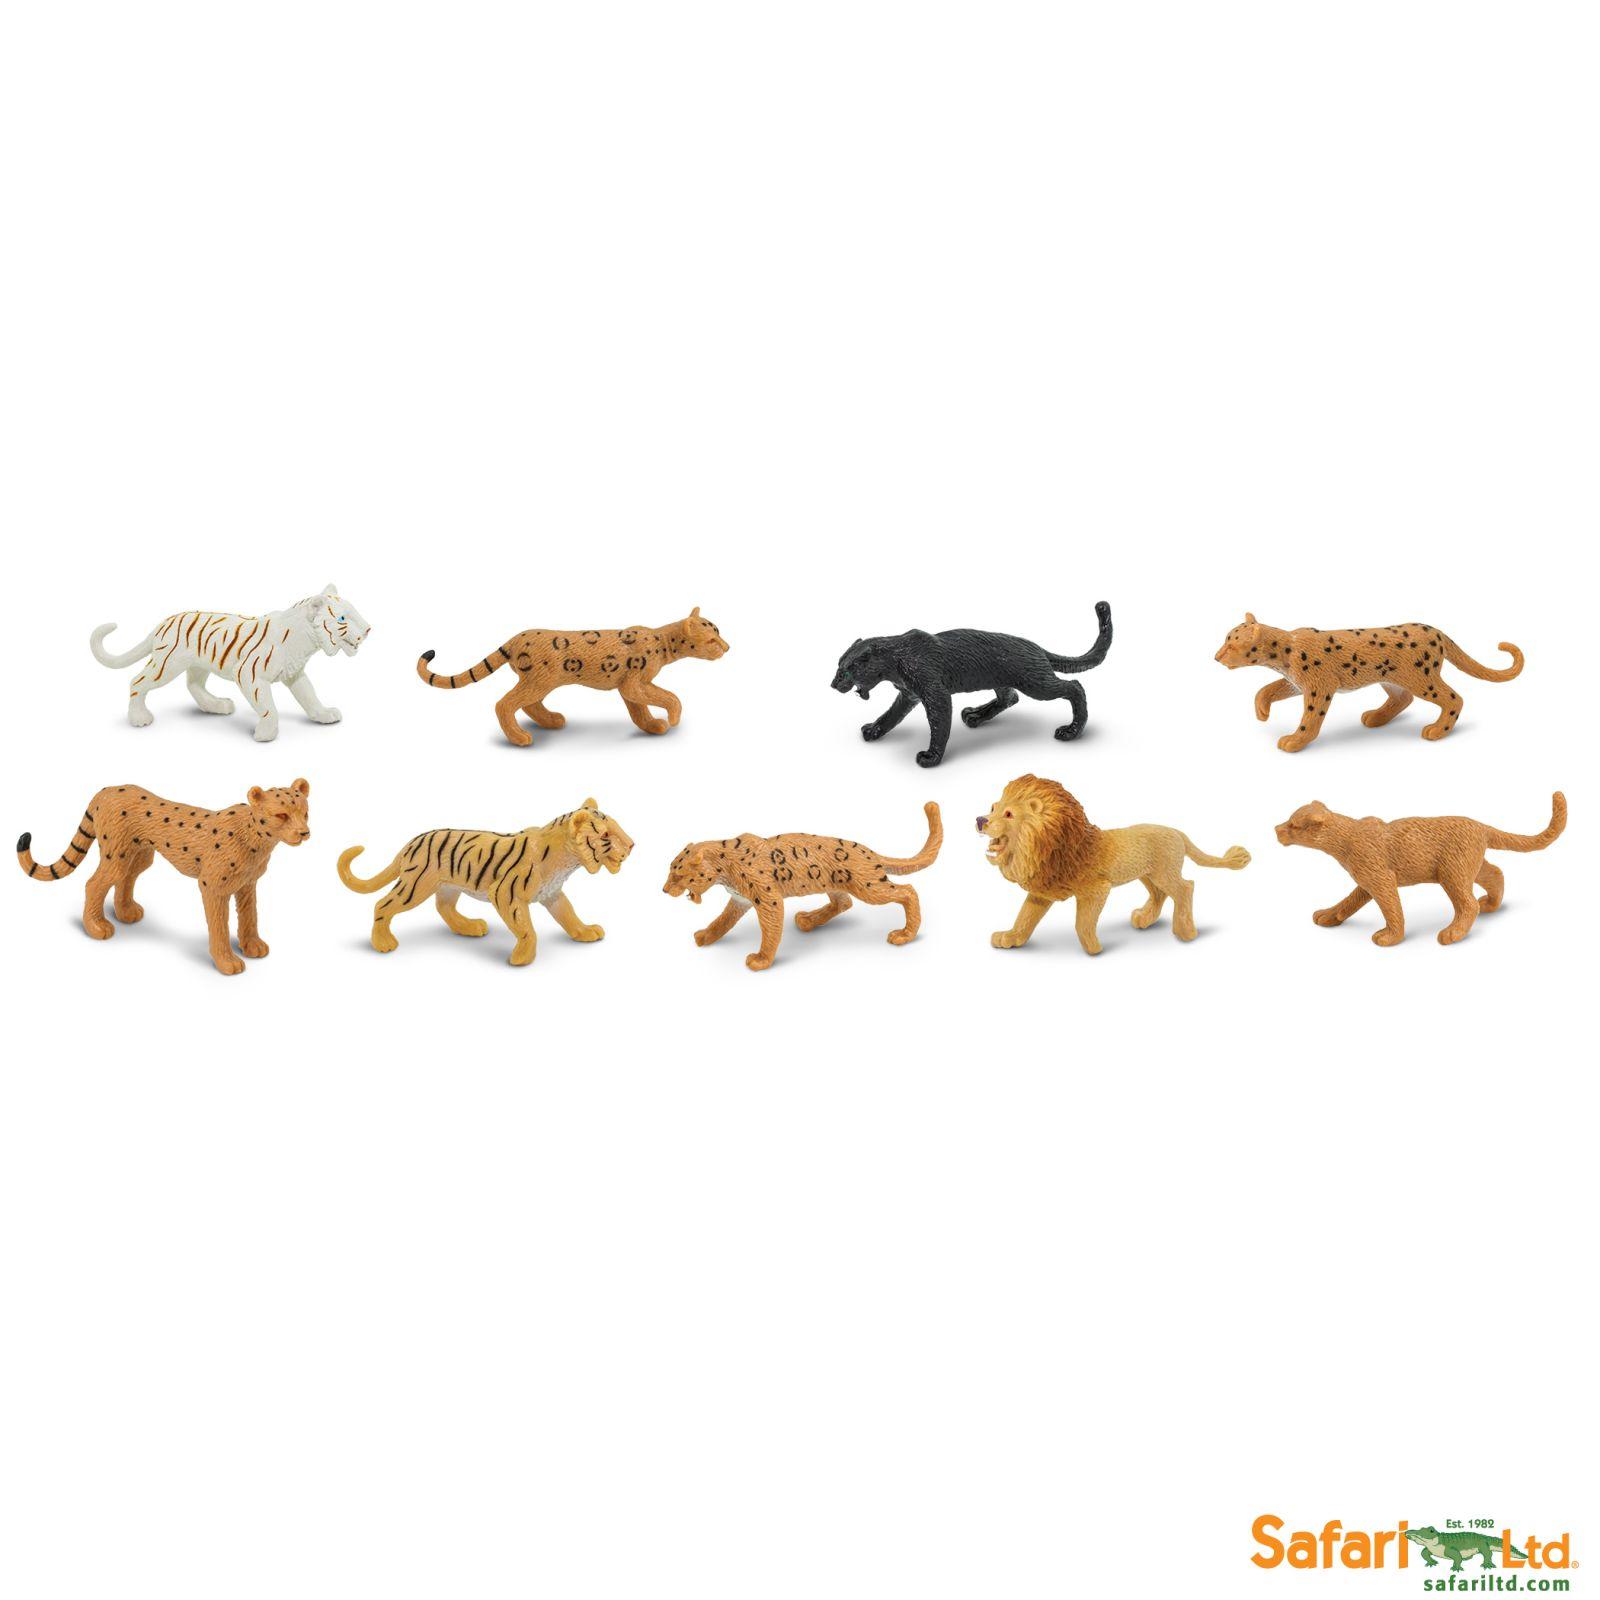 Dřevěné hračky Safari Ltd - Tuba - Kočkovité šelmy